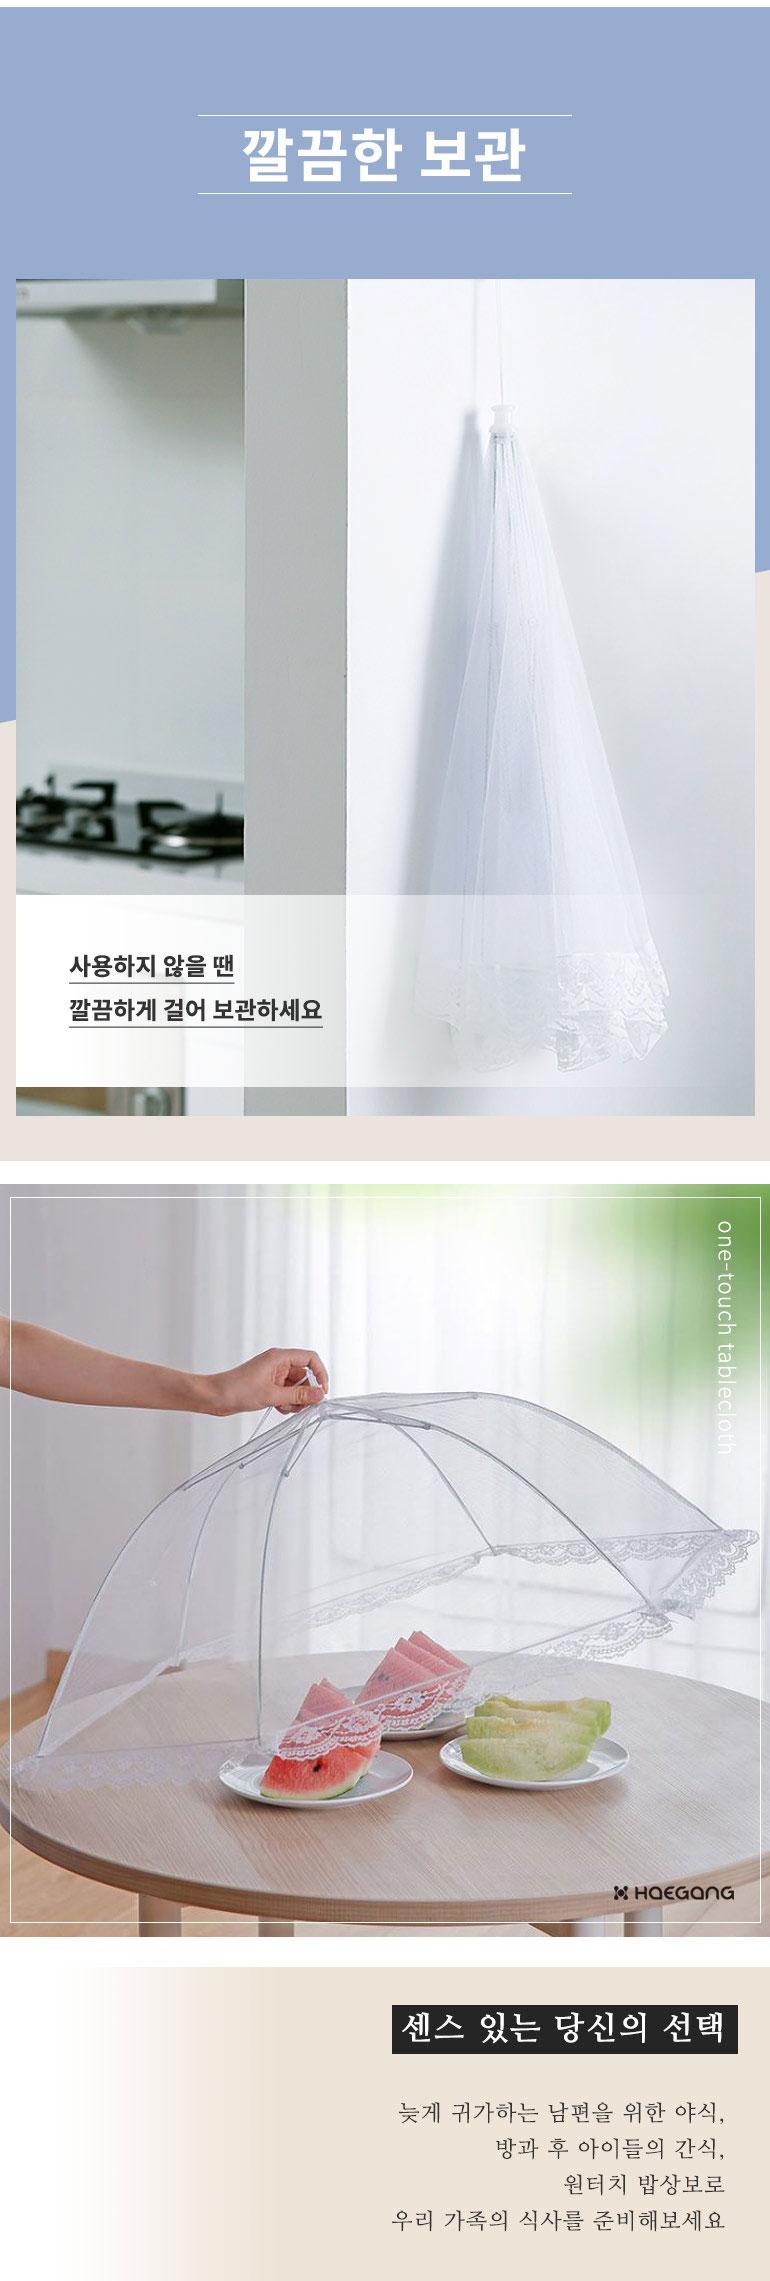 원터치 밥상보 - 세일덕, 3,900원, 주방소품, 주방 소모품